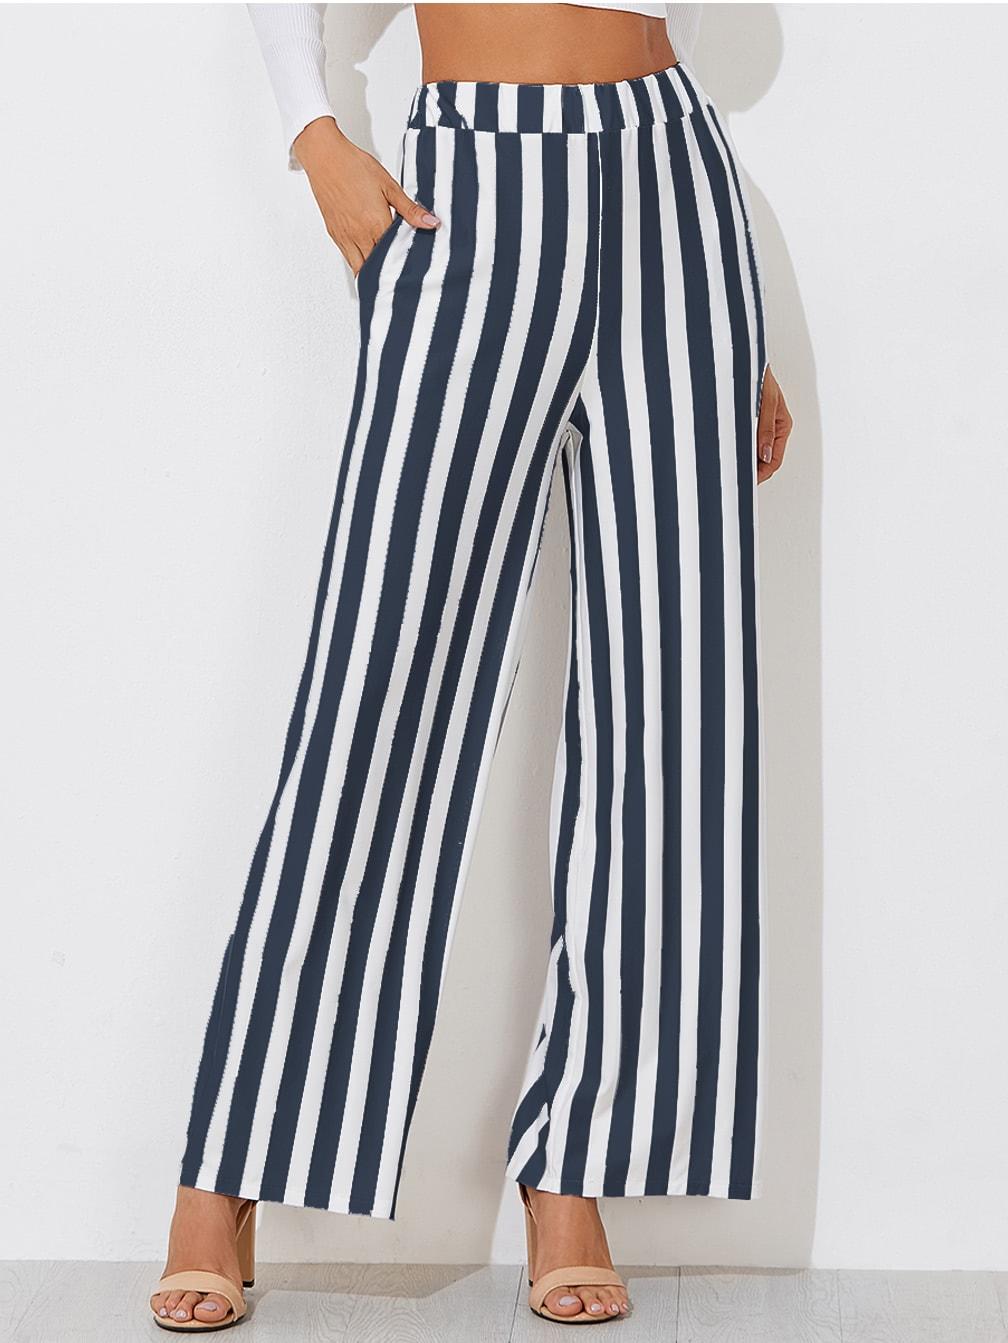 Block Striped Wide Leg Pants